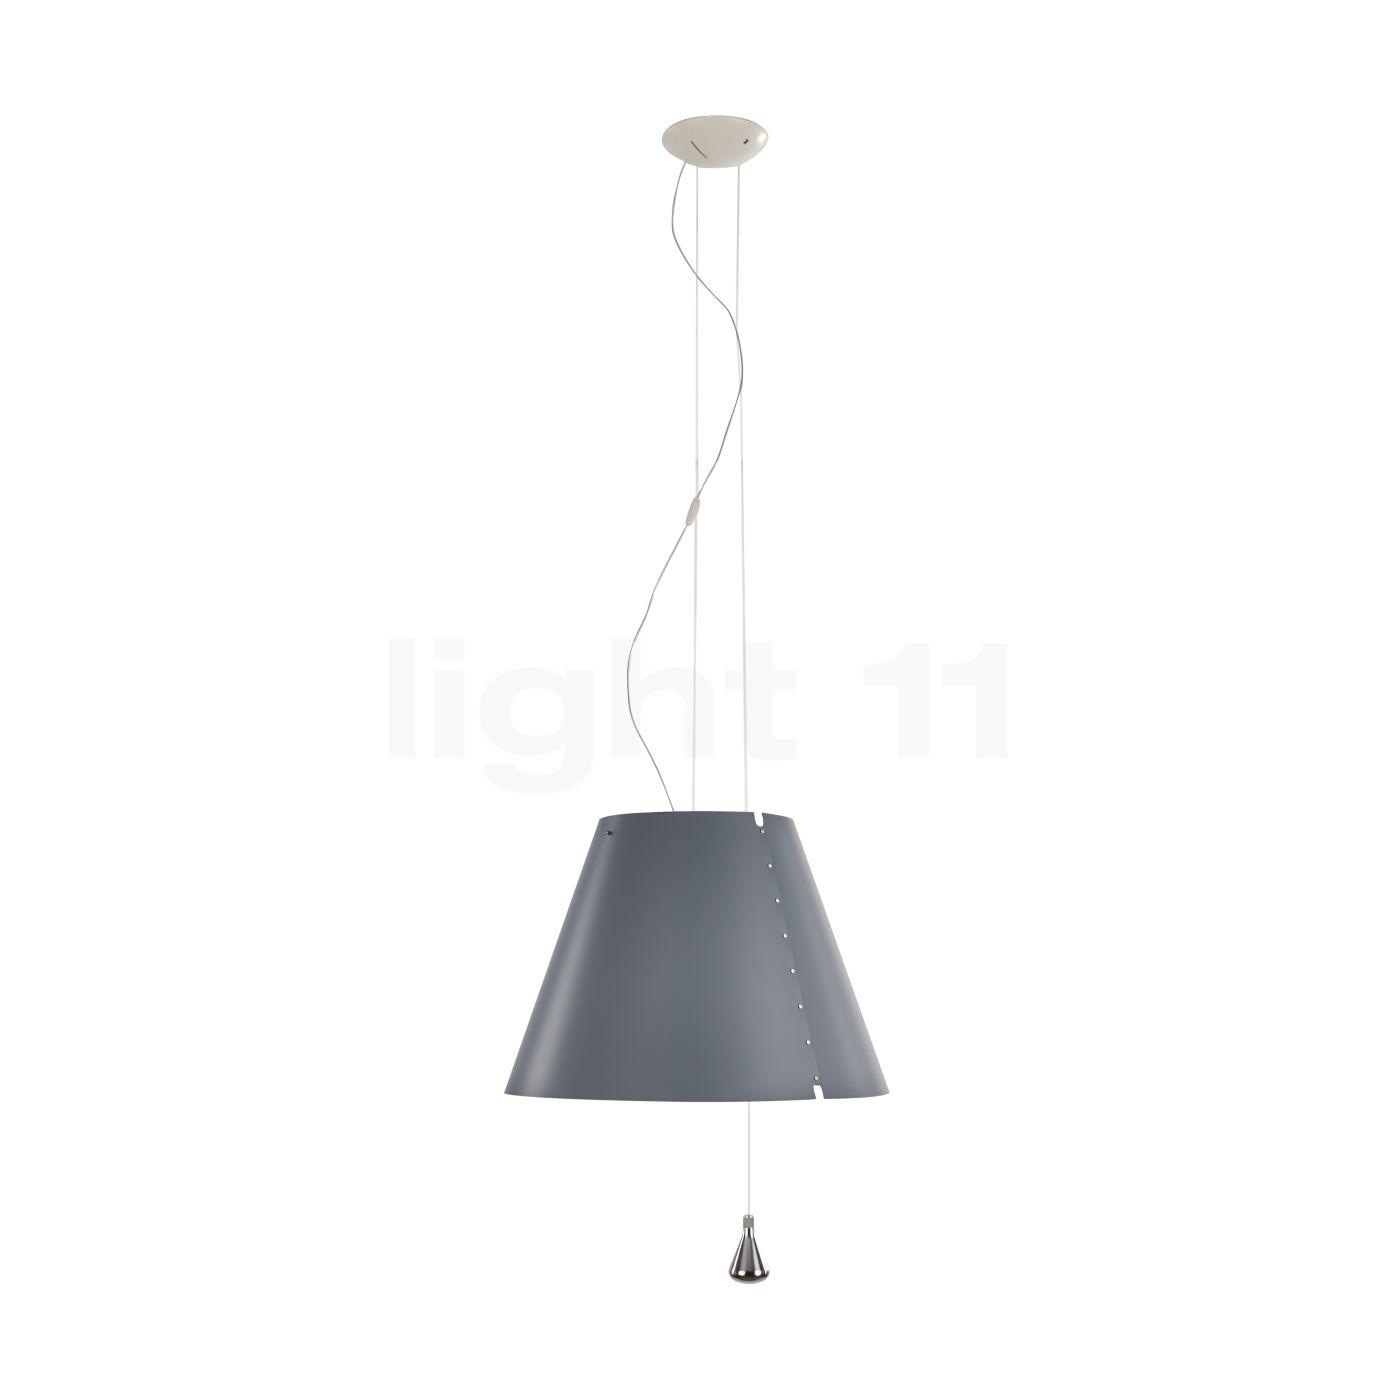 Luceplan Costanza Sospensione LED à coulisse, gris béton